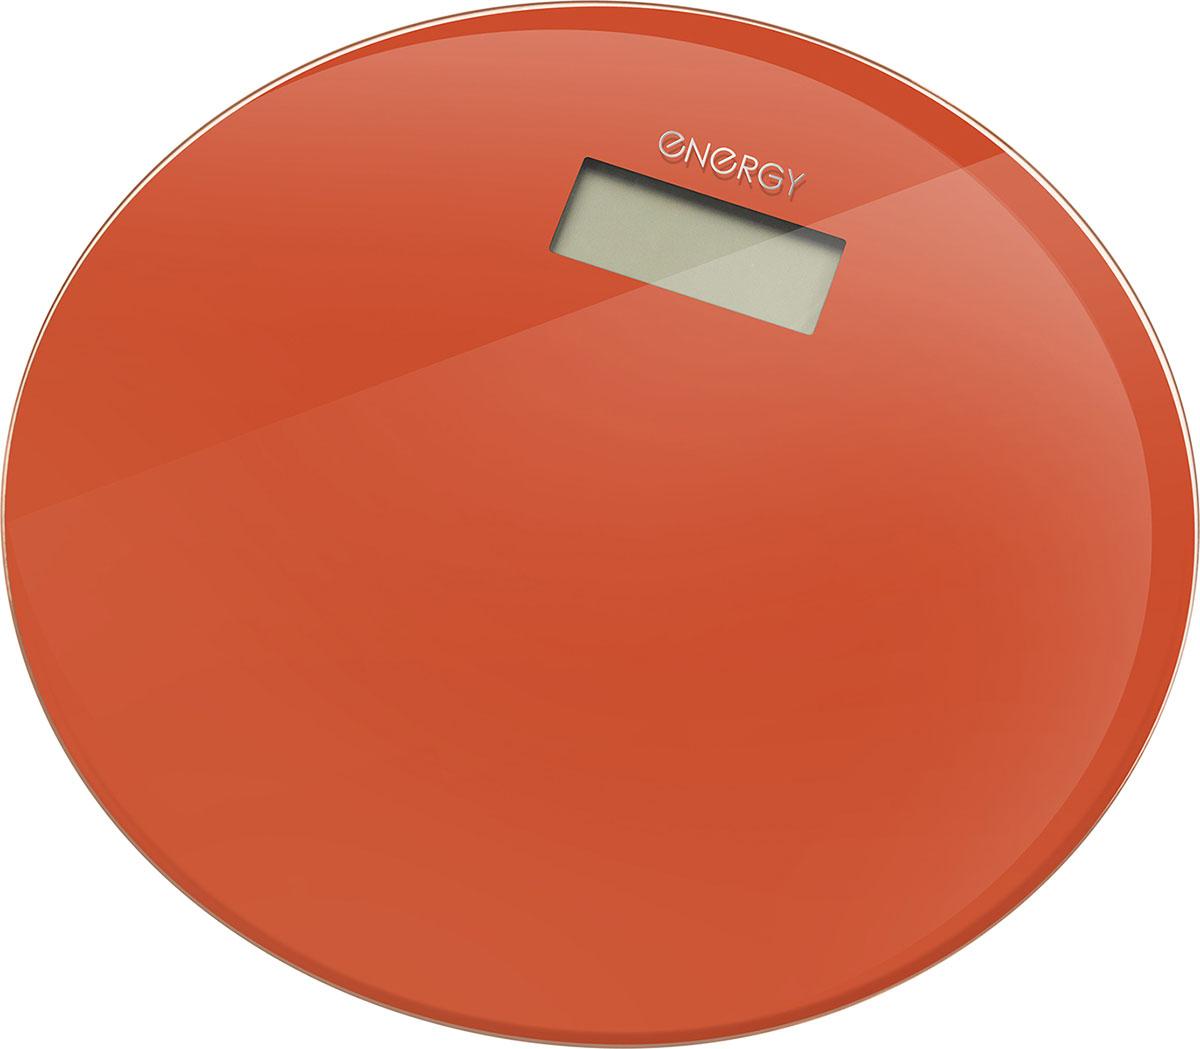 Energy EN-420 RIO, Orange напольные весы54 003495Стеклянная поверхностьДиагональ: 33 смМаксимальная нагрузка: 180 кгЦена деления: 100 граммСтеклянная платформа: 6 ммLCD дисплей, размер: 73*28 ммАвтоотключениеИндикатор перегрузки и заряда батареиПитание от батареи: 1*CR2032 (входит в комплект)